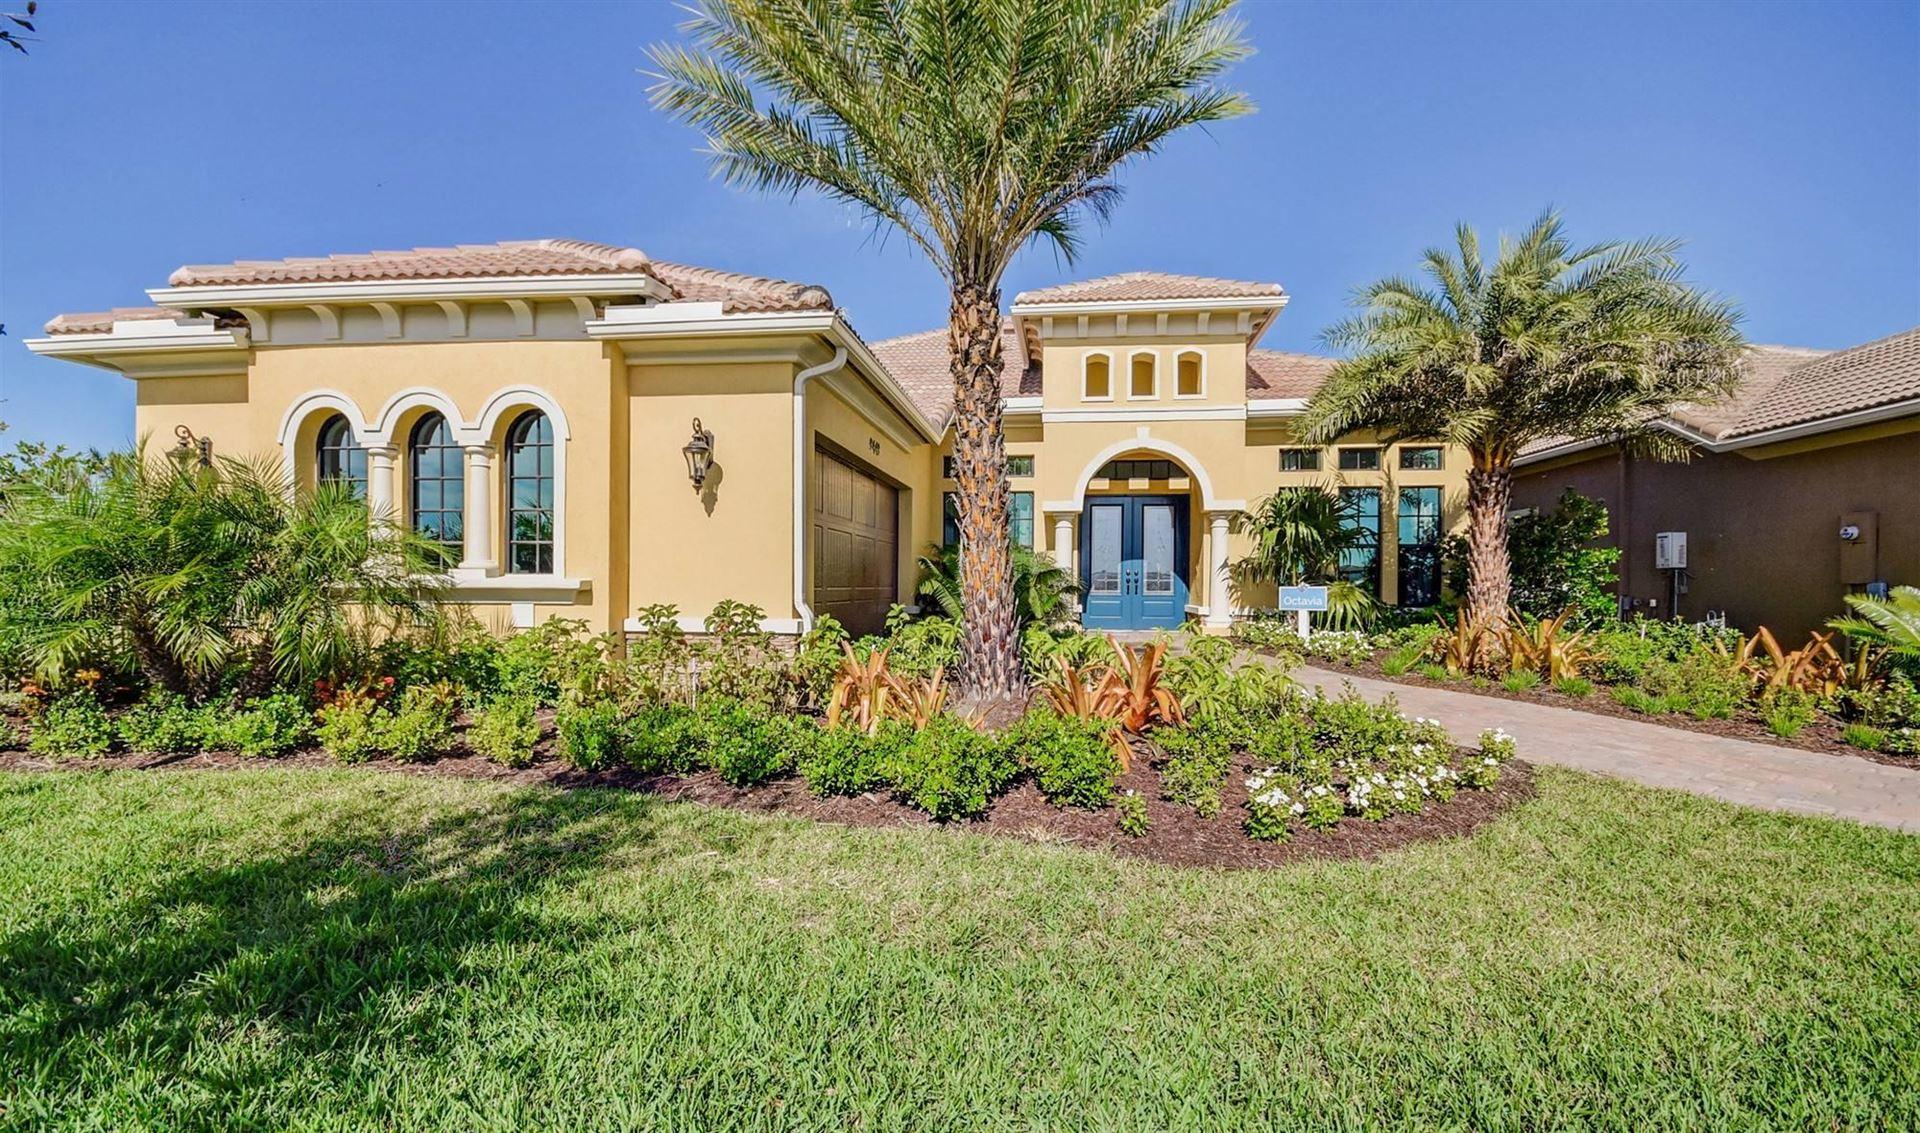 9449 Vallen Court #113, Parkland, FL 33076 - #: RX-10611231